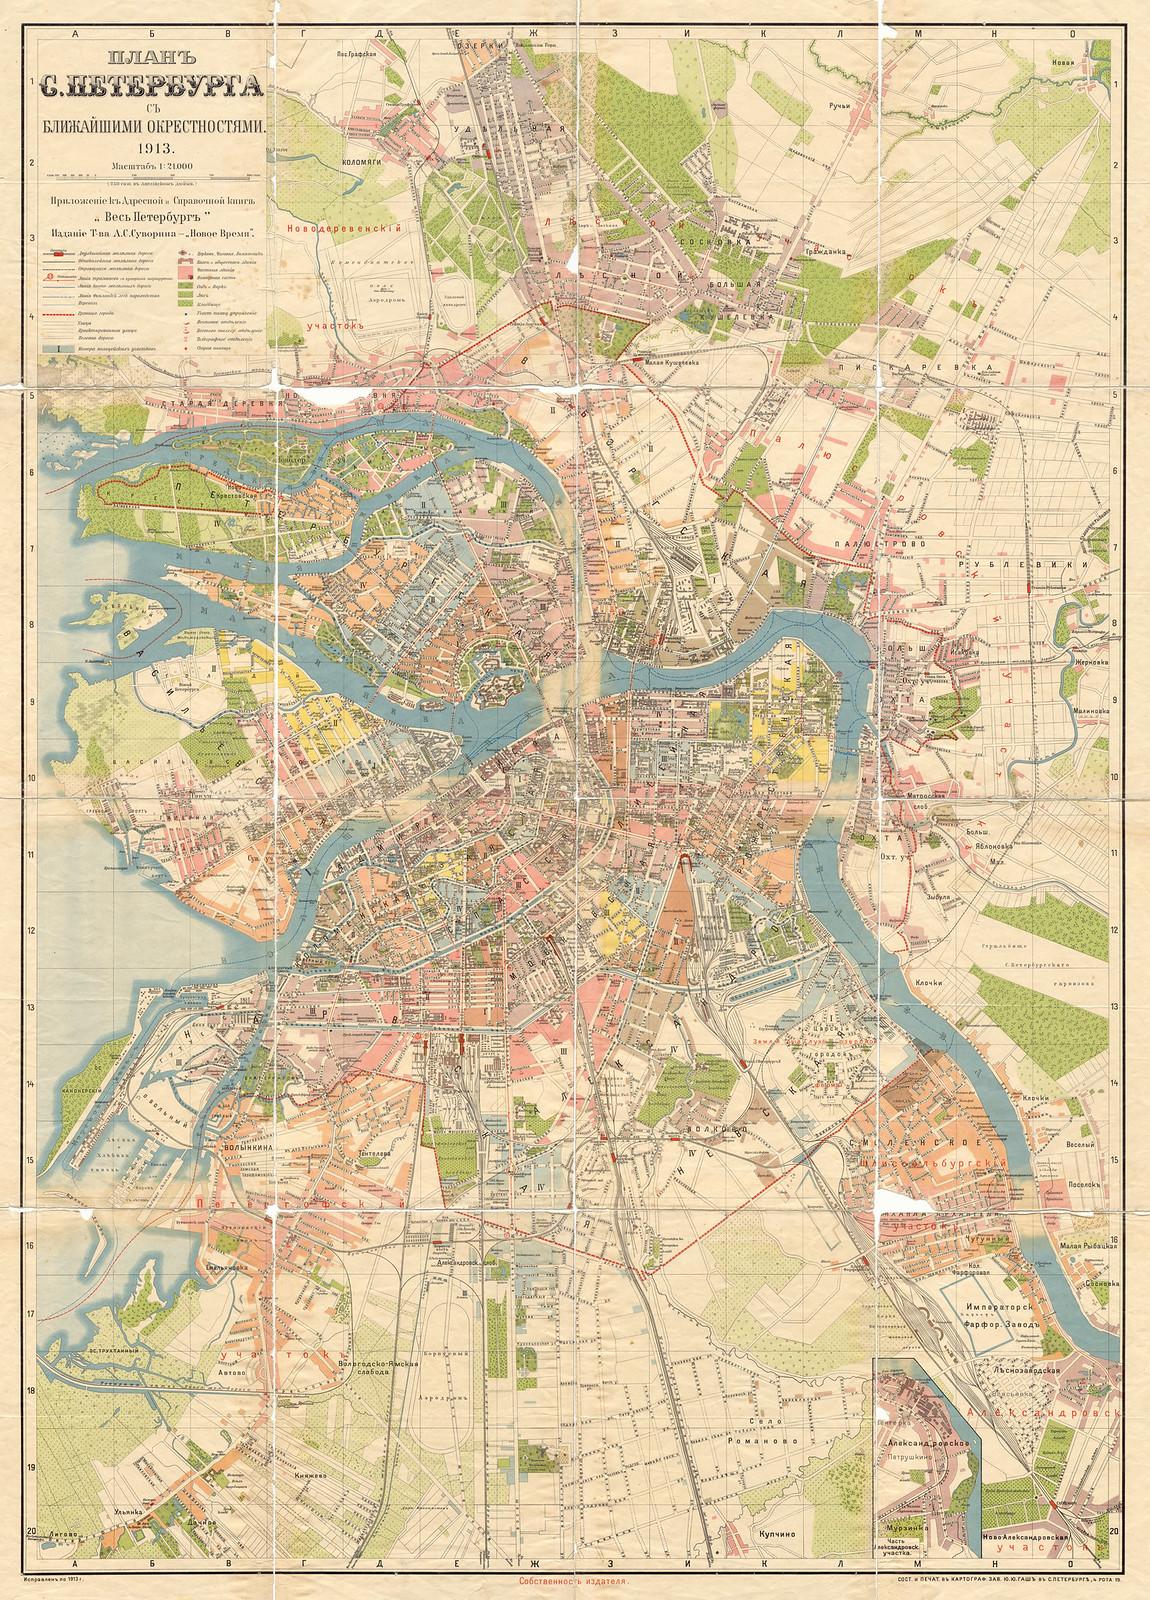 1913. План Санкт-Петербурга с ближайшими окрестностями